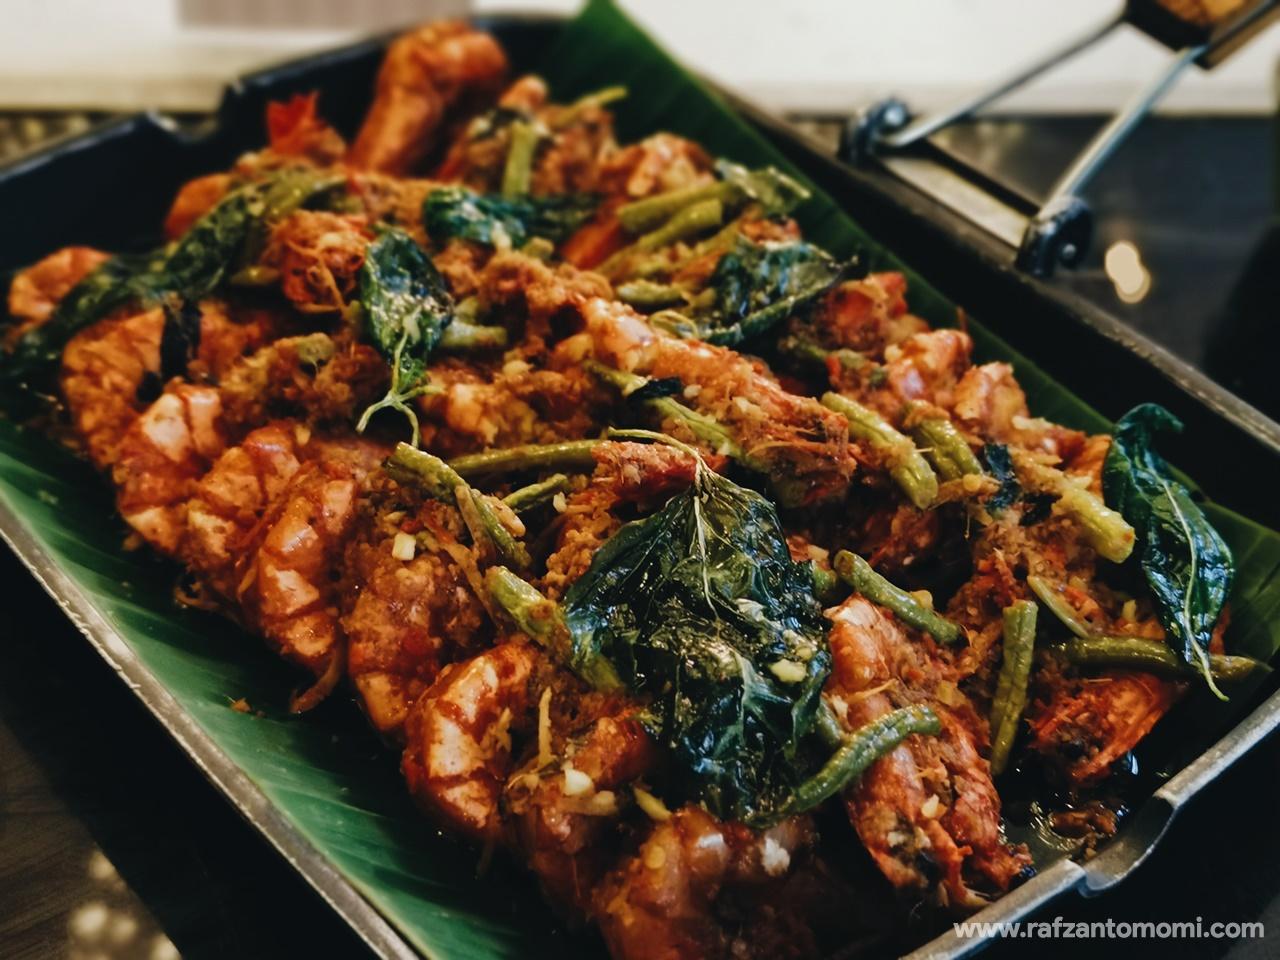 Aloft's Culinary Stars Kembali Di Aloft Kuala Lumpur Sentral Sepanjang Ogos 2019!